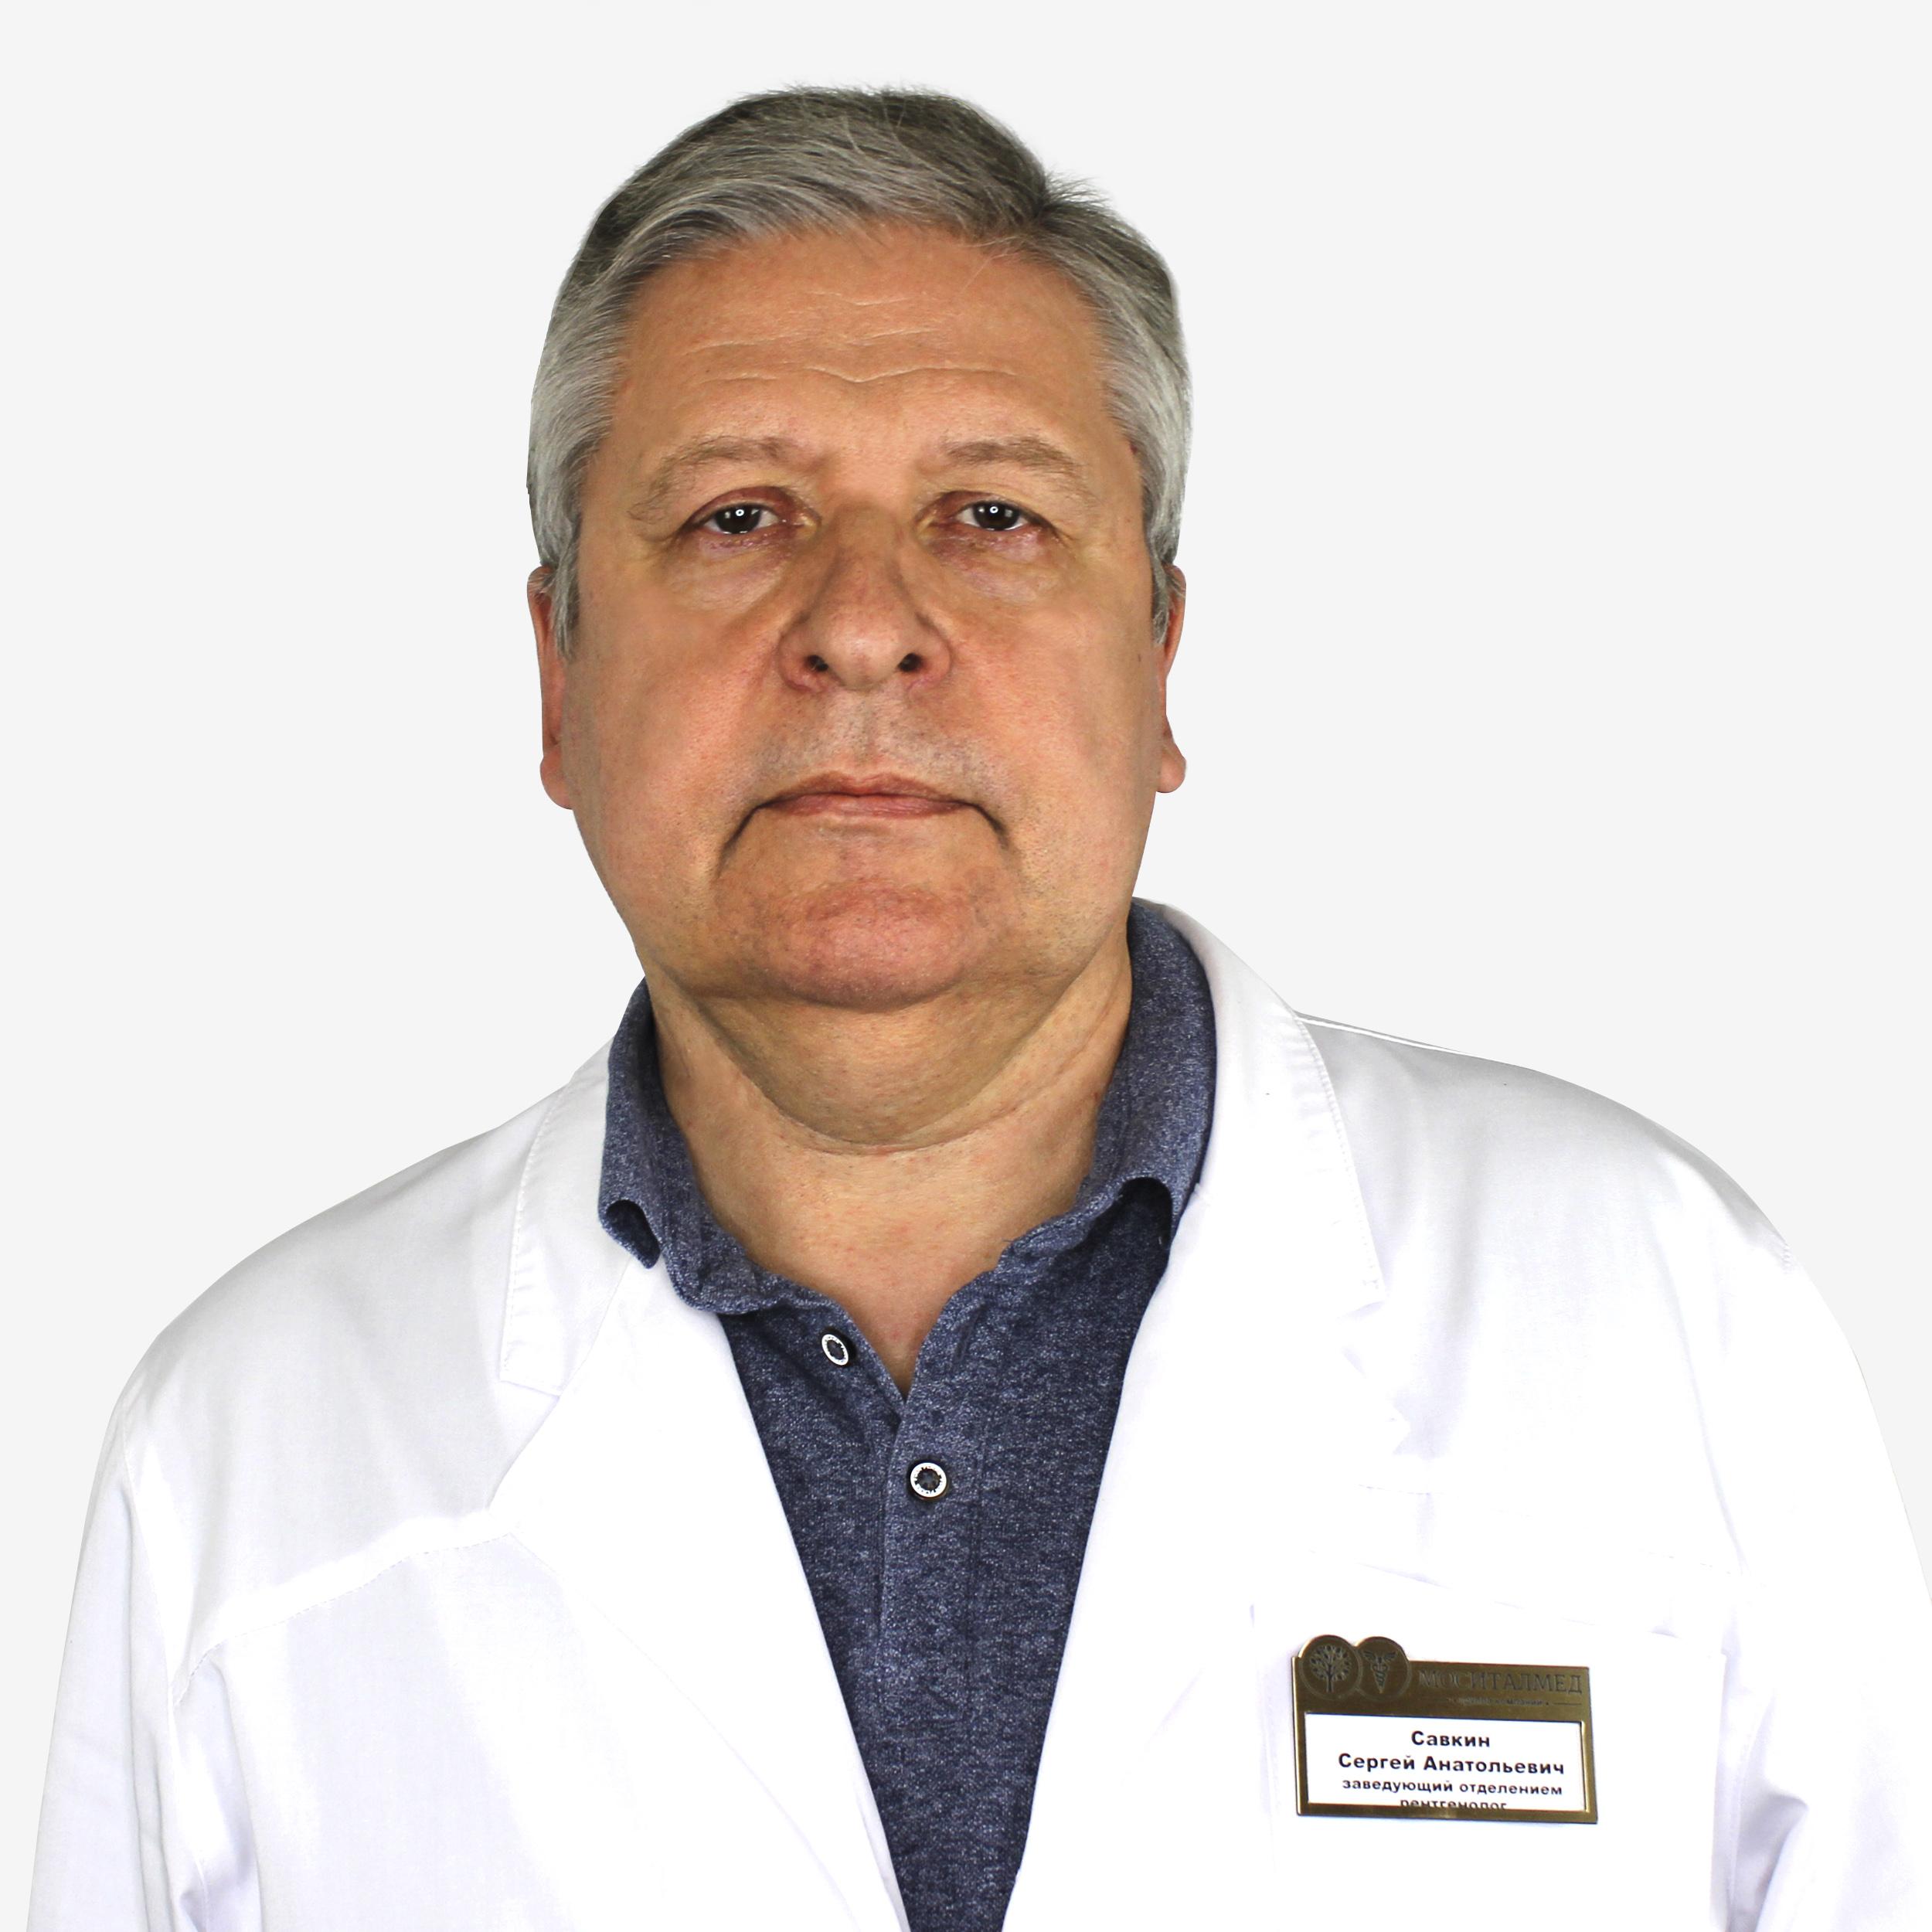 Савкин Сергей Анатольевич